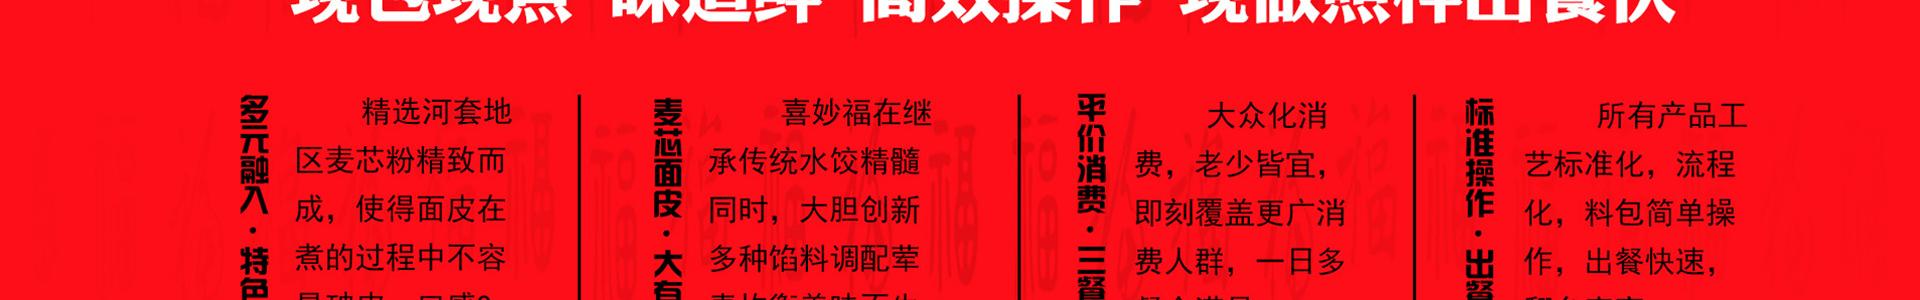 喜妙福水餃xmf_15